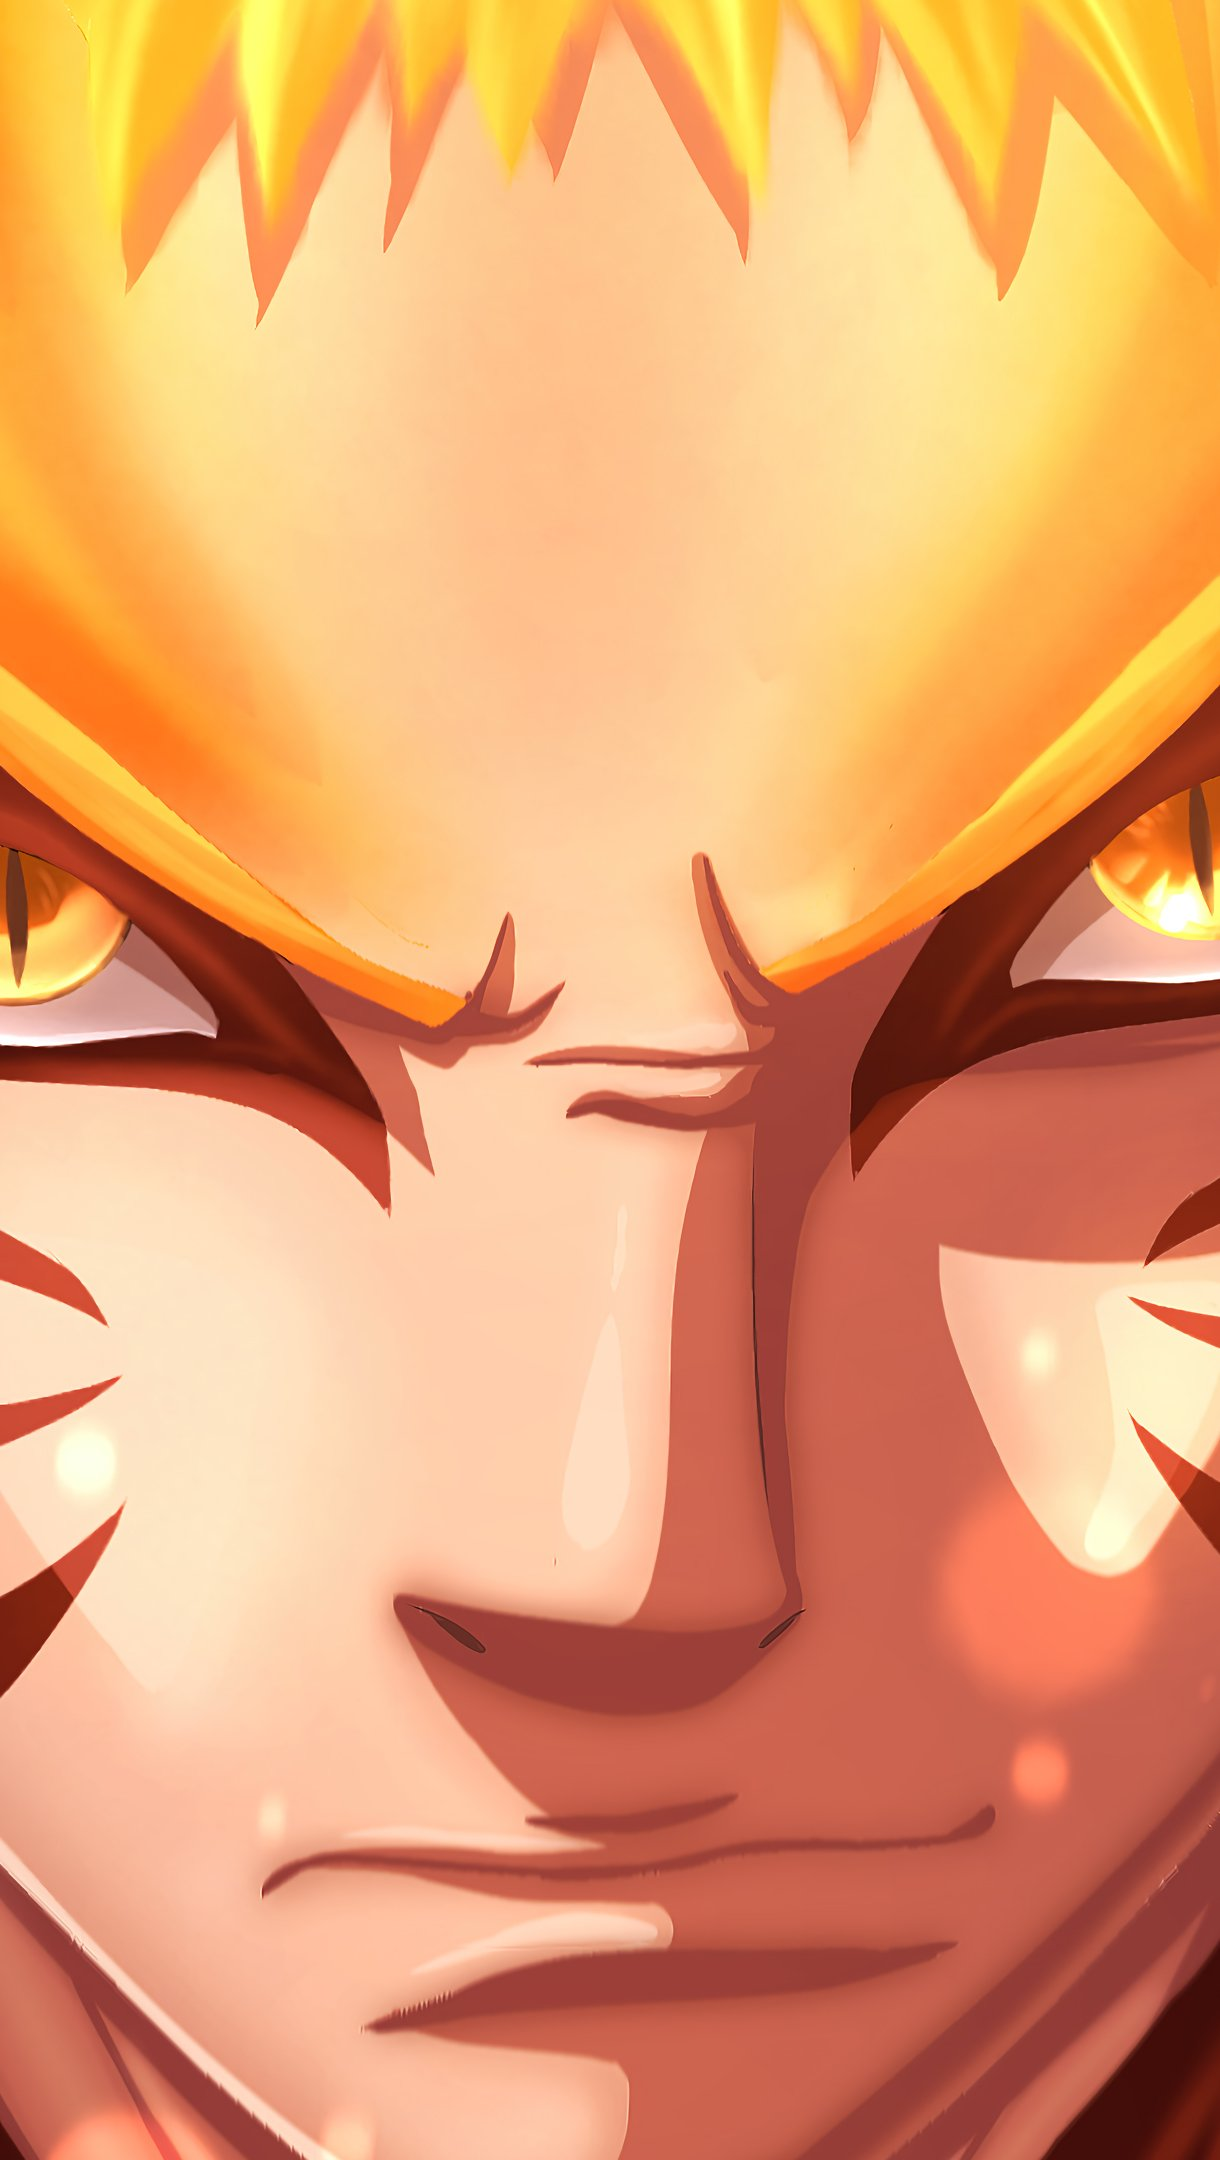 Fondos de pantalla Anime Naruto Uzumaki Baryon Mode Vertical